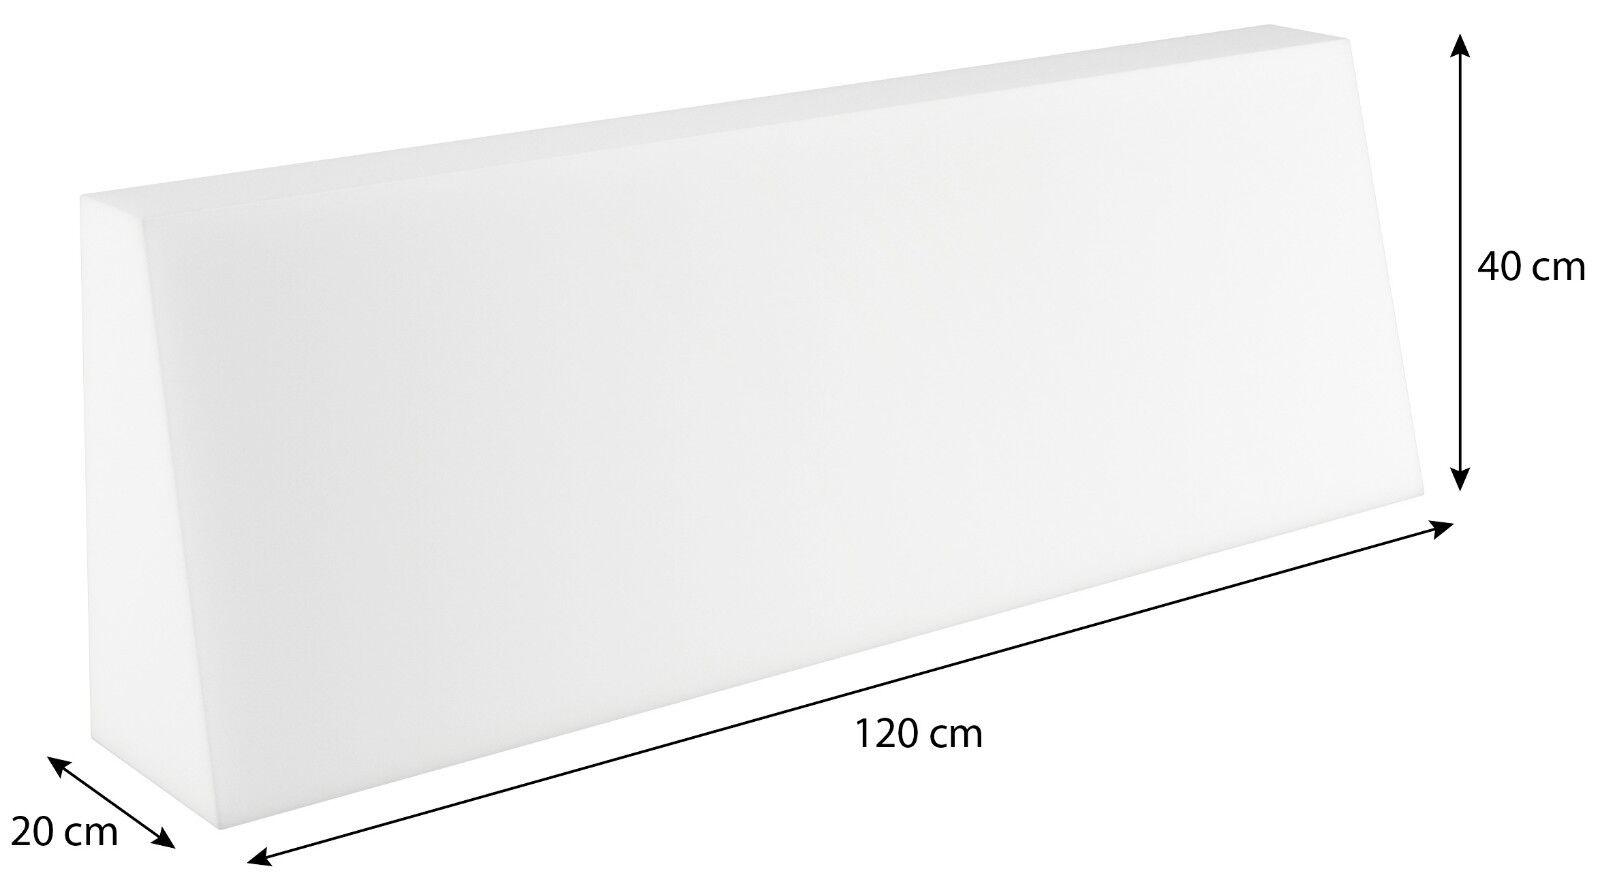 Schaumstoffplatte für Europalette Polsterauflage Matratze Zuschnitt 120x80cm Rückenkissen 120x40x20/10cm